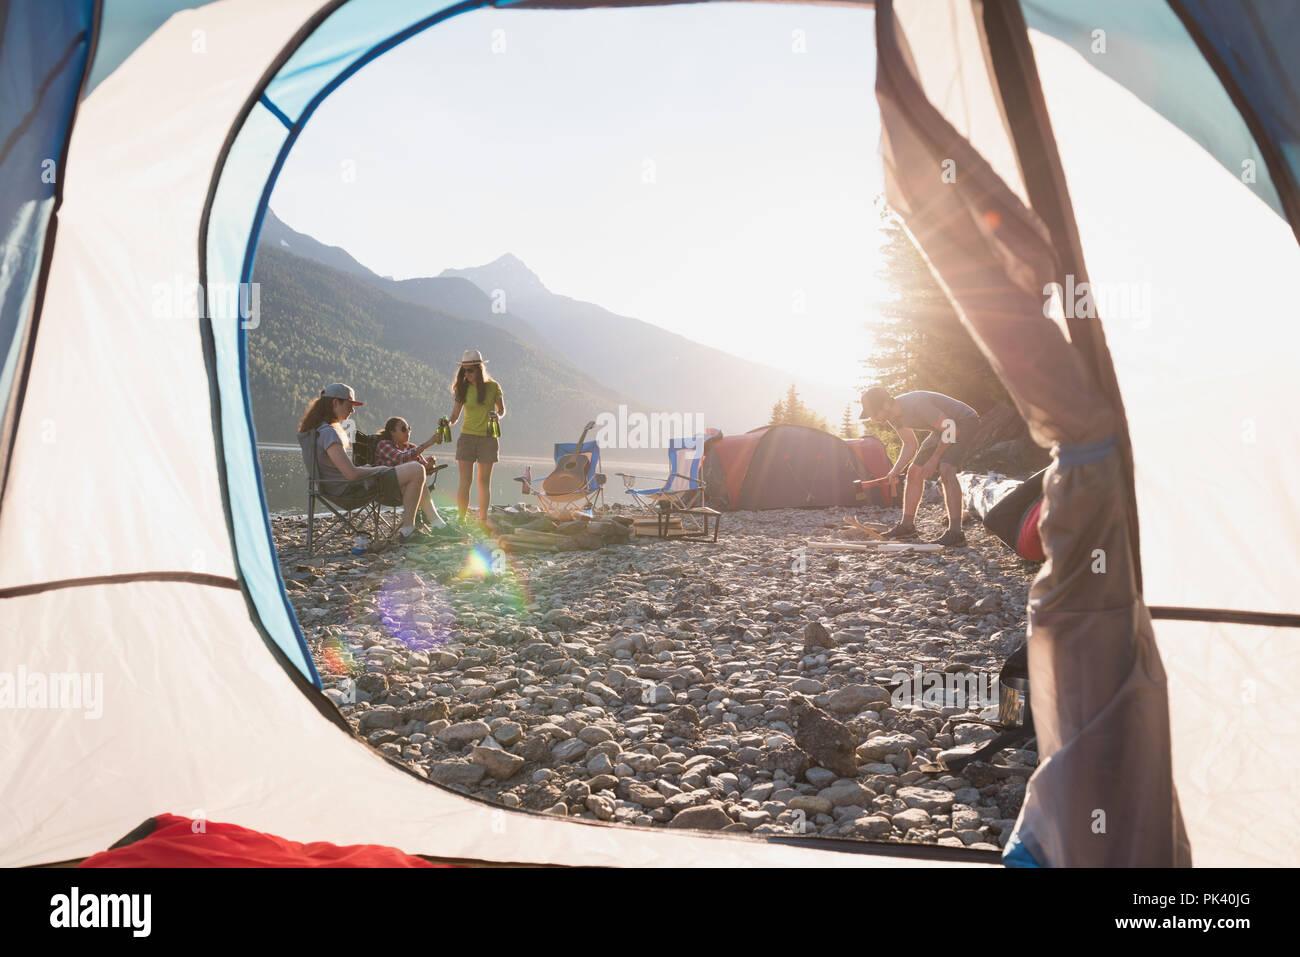 Eine Gruppe von Freunden auf dem Campingplatz am Flußufer Stockbild